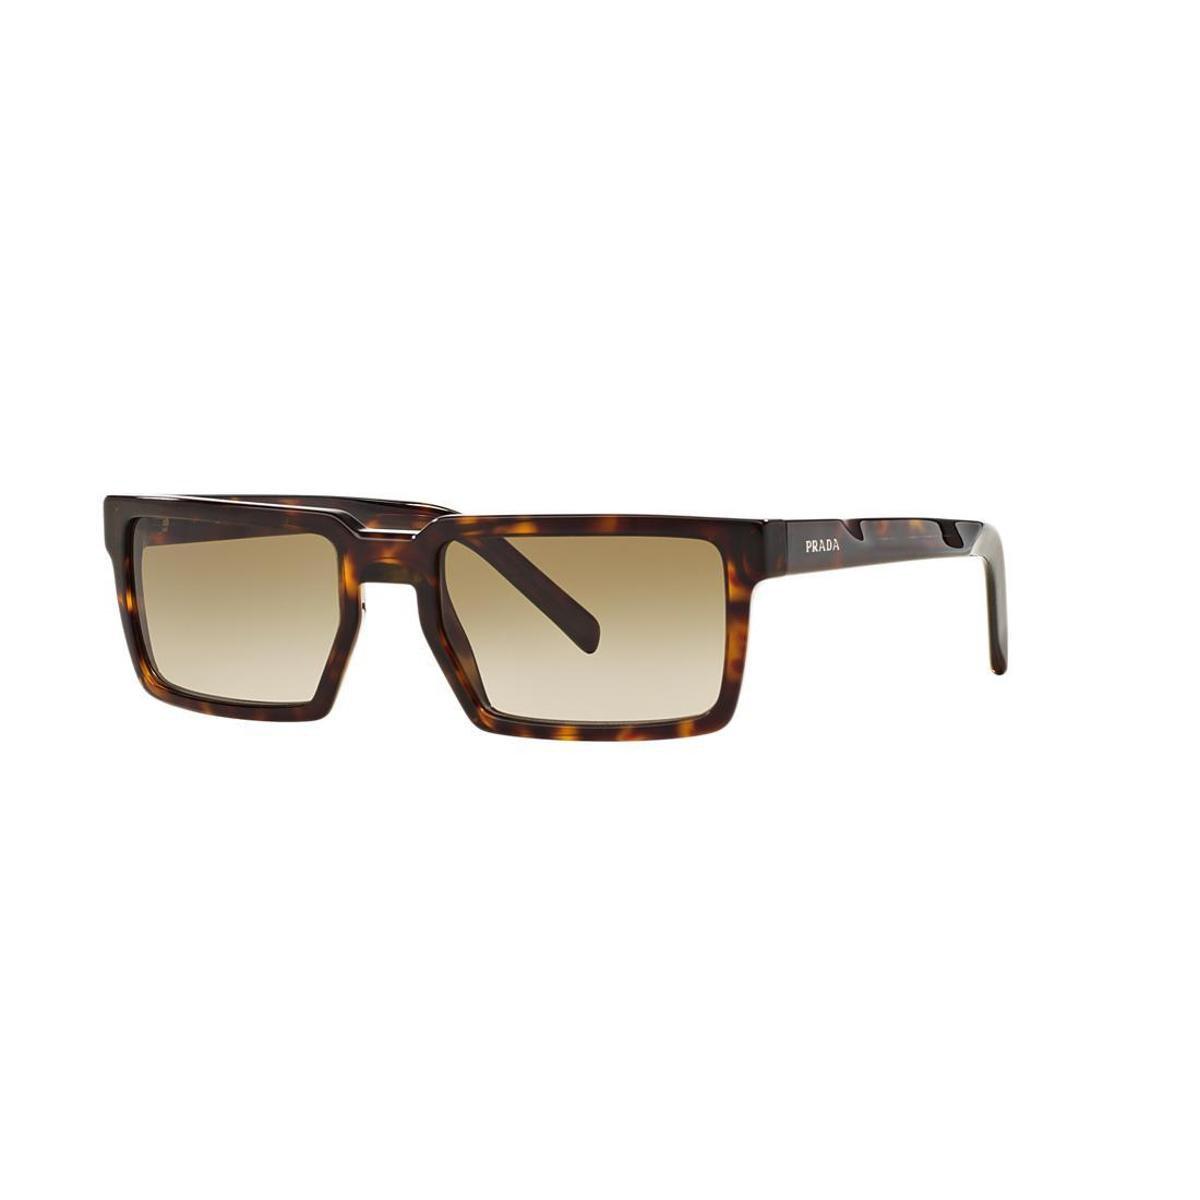 Óculos de Sol Prada PR 03SS - Compre Agora   Zattini 5571edcb3c